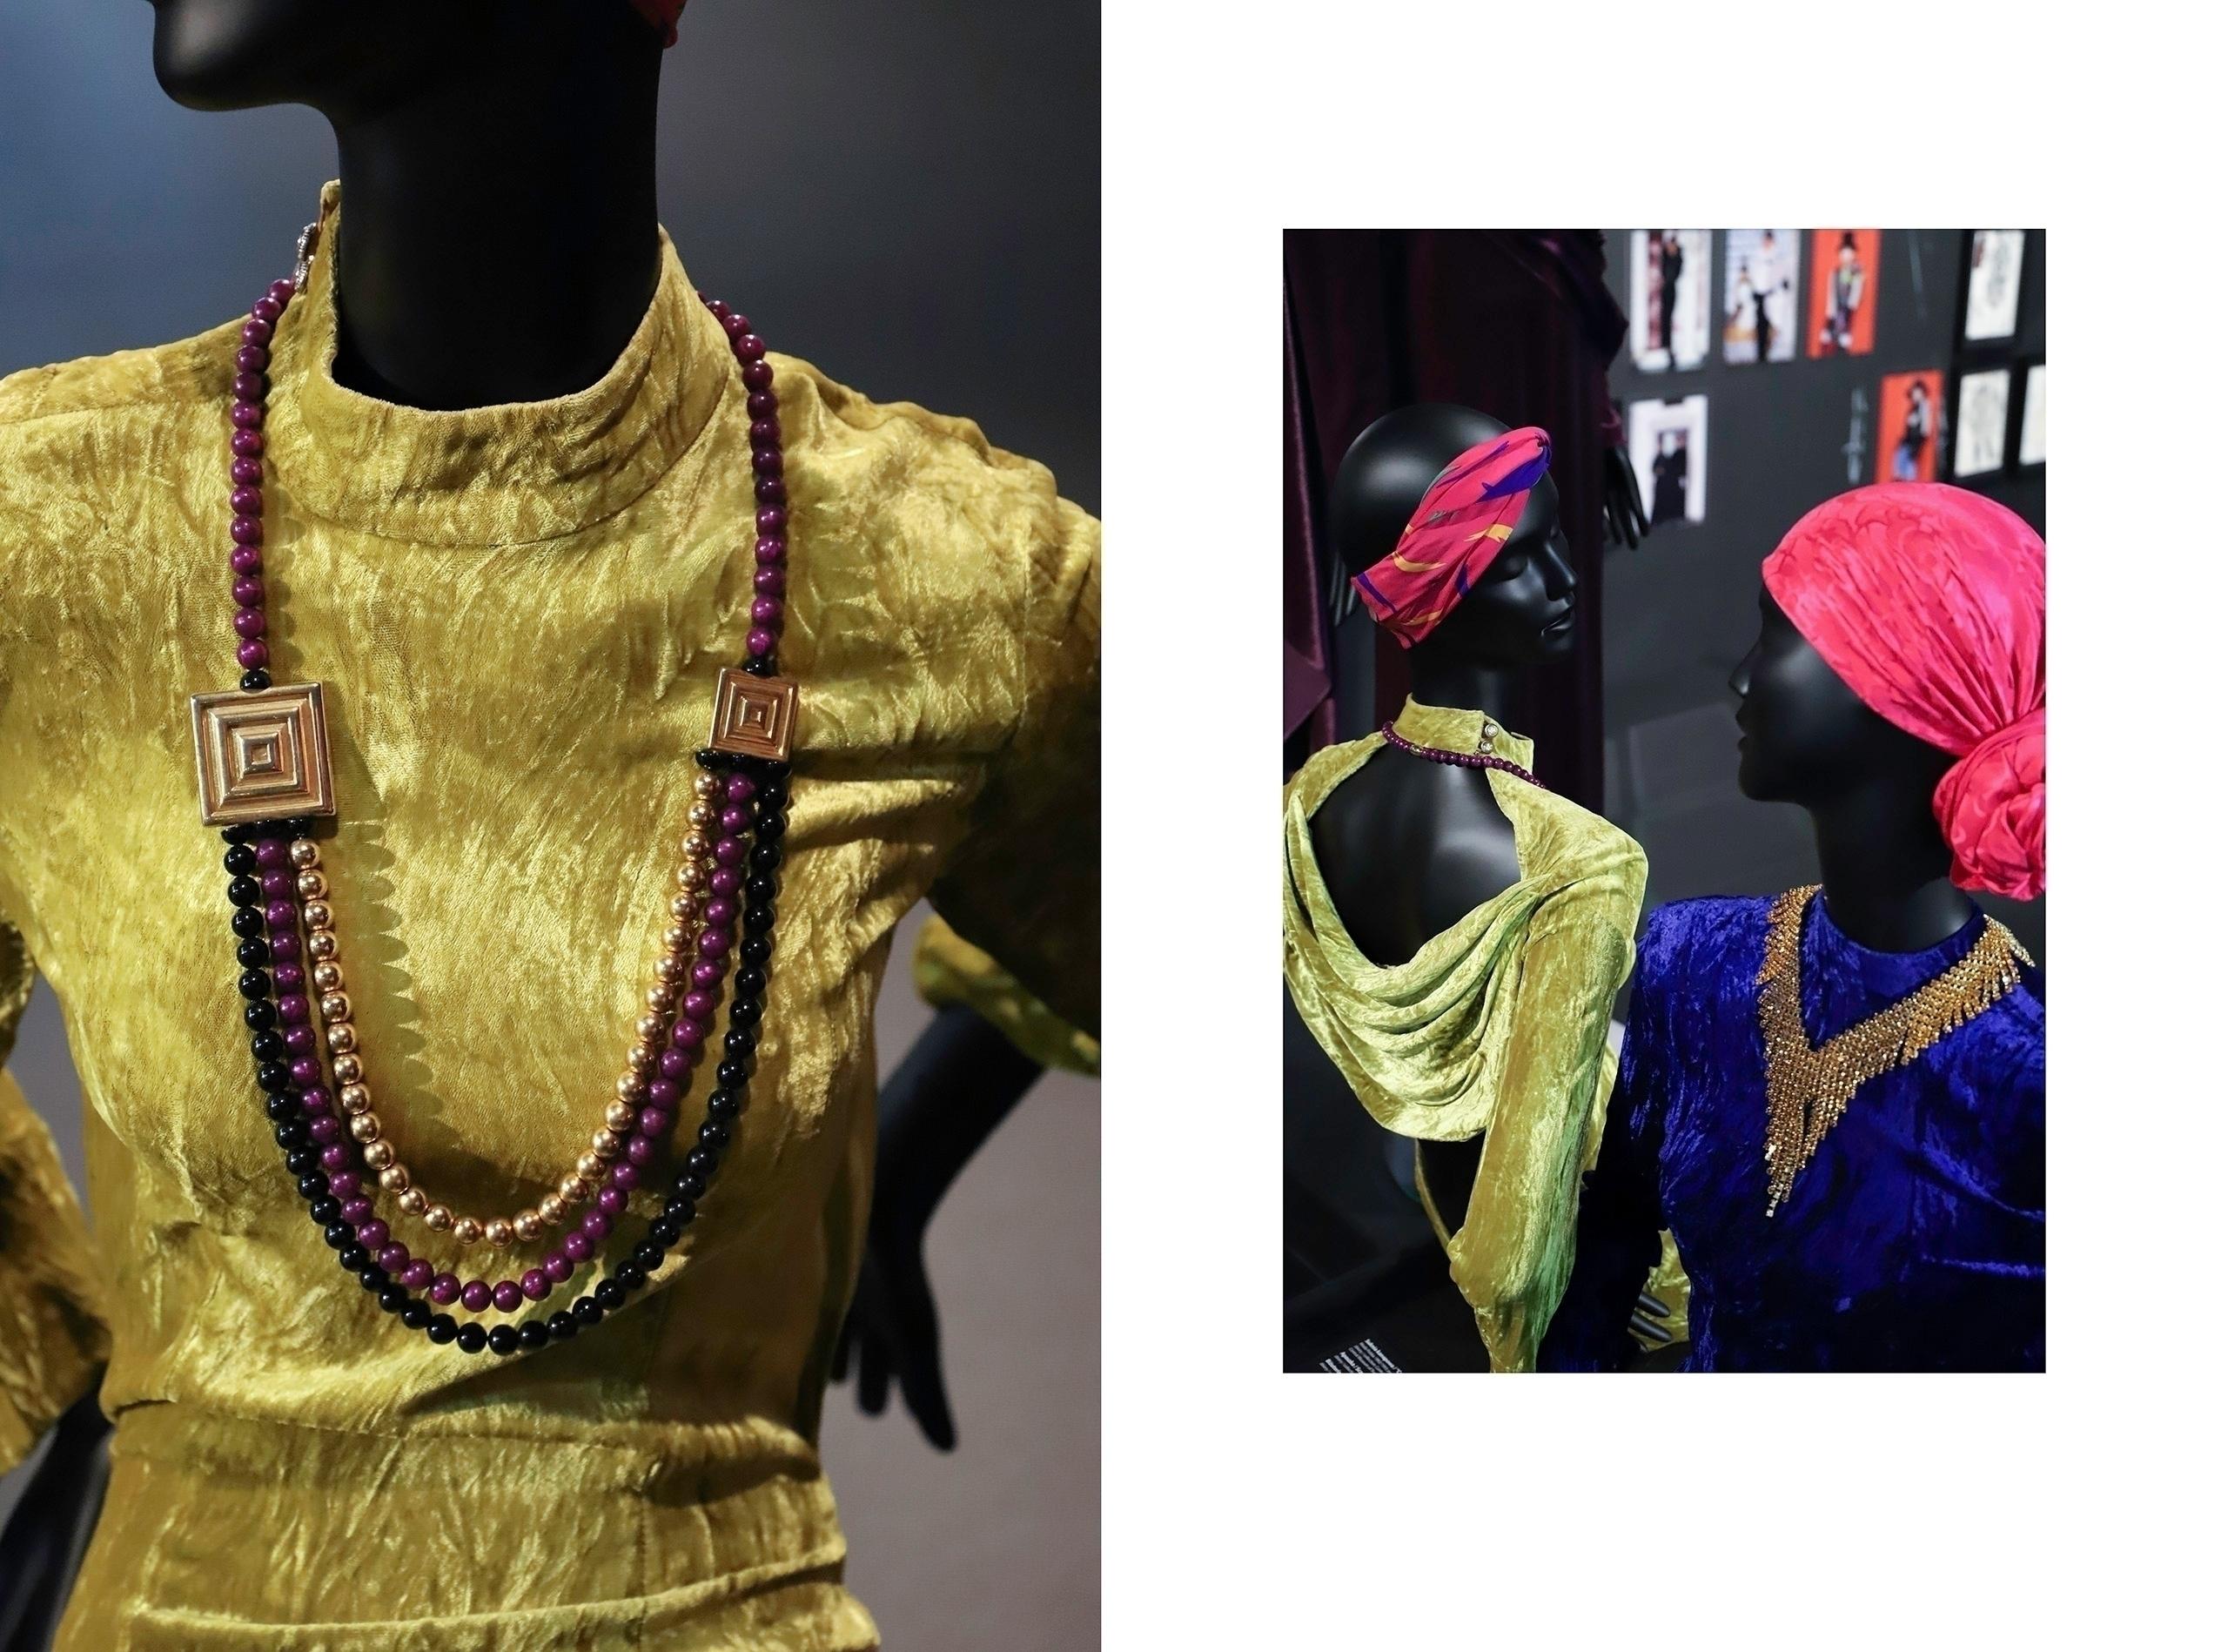 Obraz przedstawia dwa zdjęcia. Widzimy fragmenty manekinów ubranych w kolorowe stroje z czerwonymi chustami na głowach.